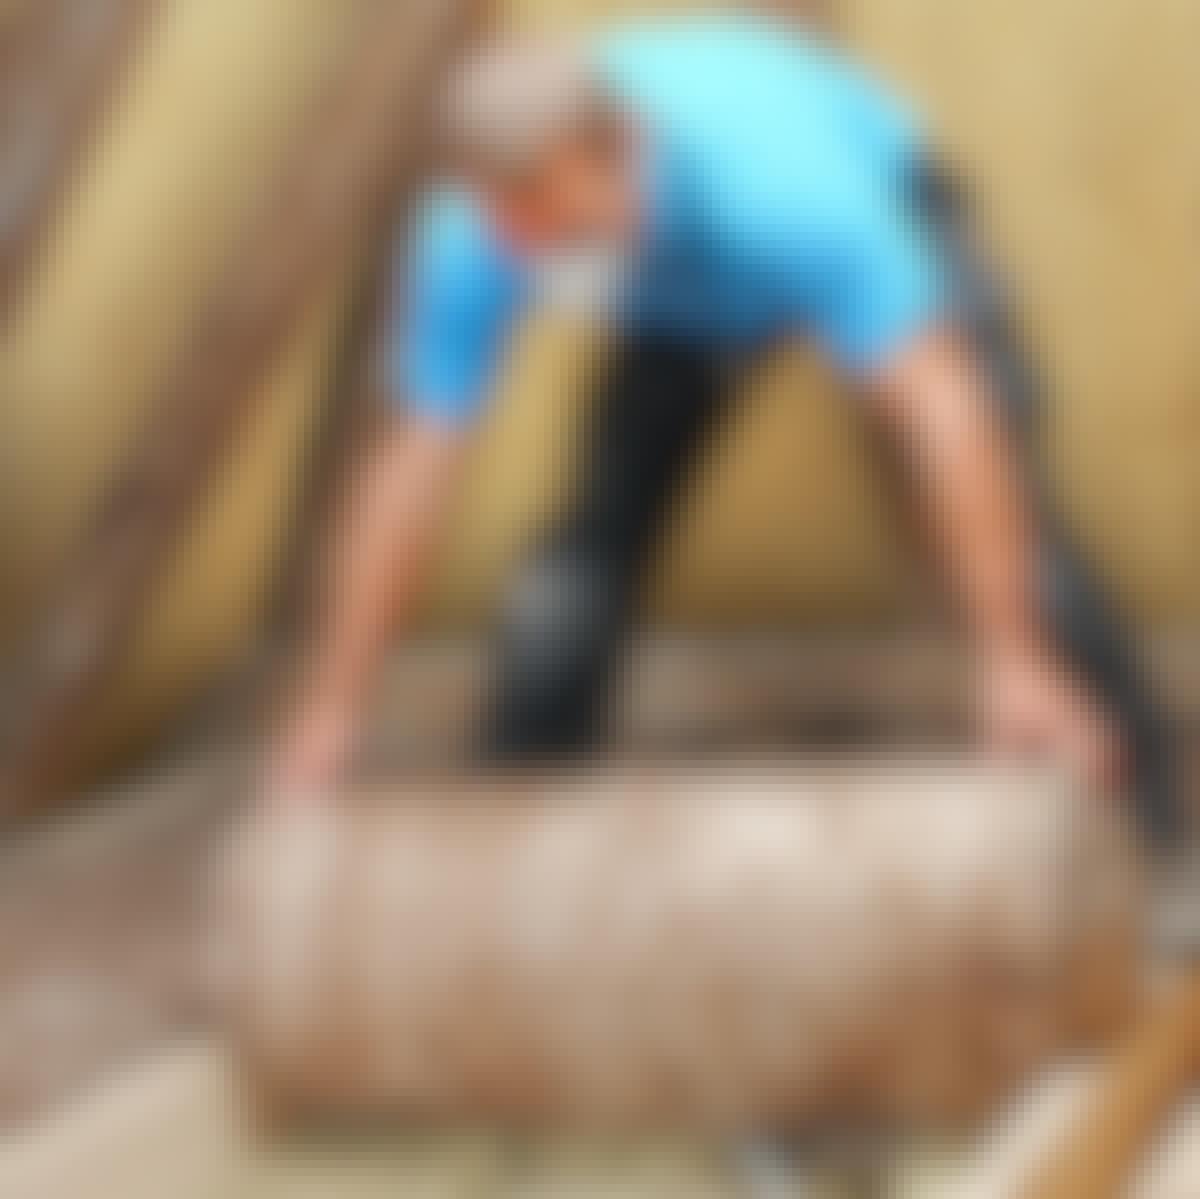 Om du har en råvind utan hinder kan det vara värt att isolera med rullar.